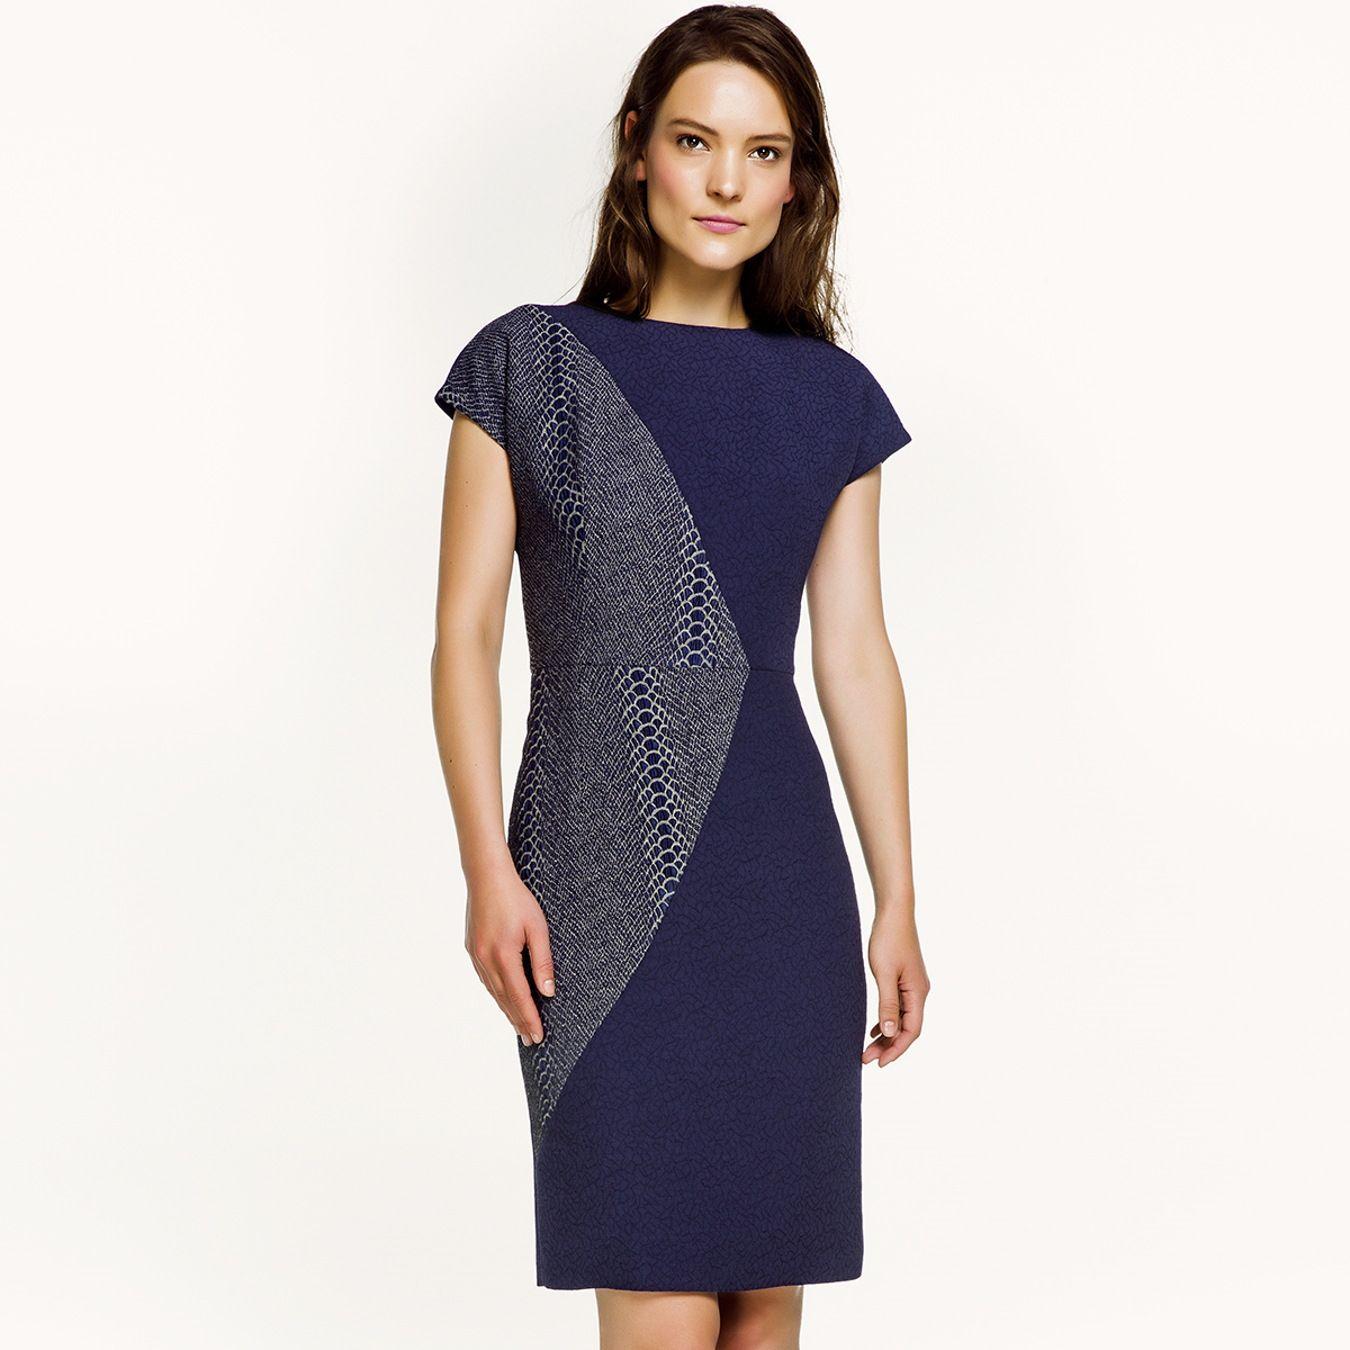 Color Block Elbise Buyuk Sezon Indirimi Ipekyol Ipekyol Elbise Moda Stilleri Bluz